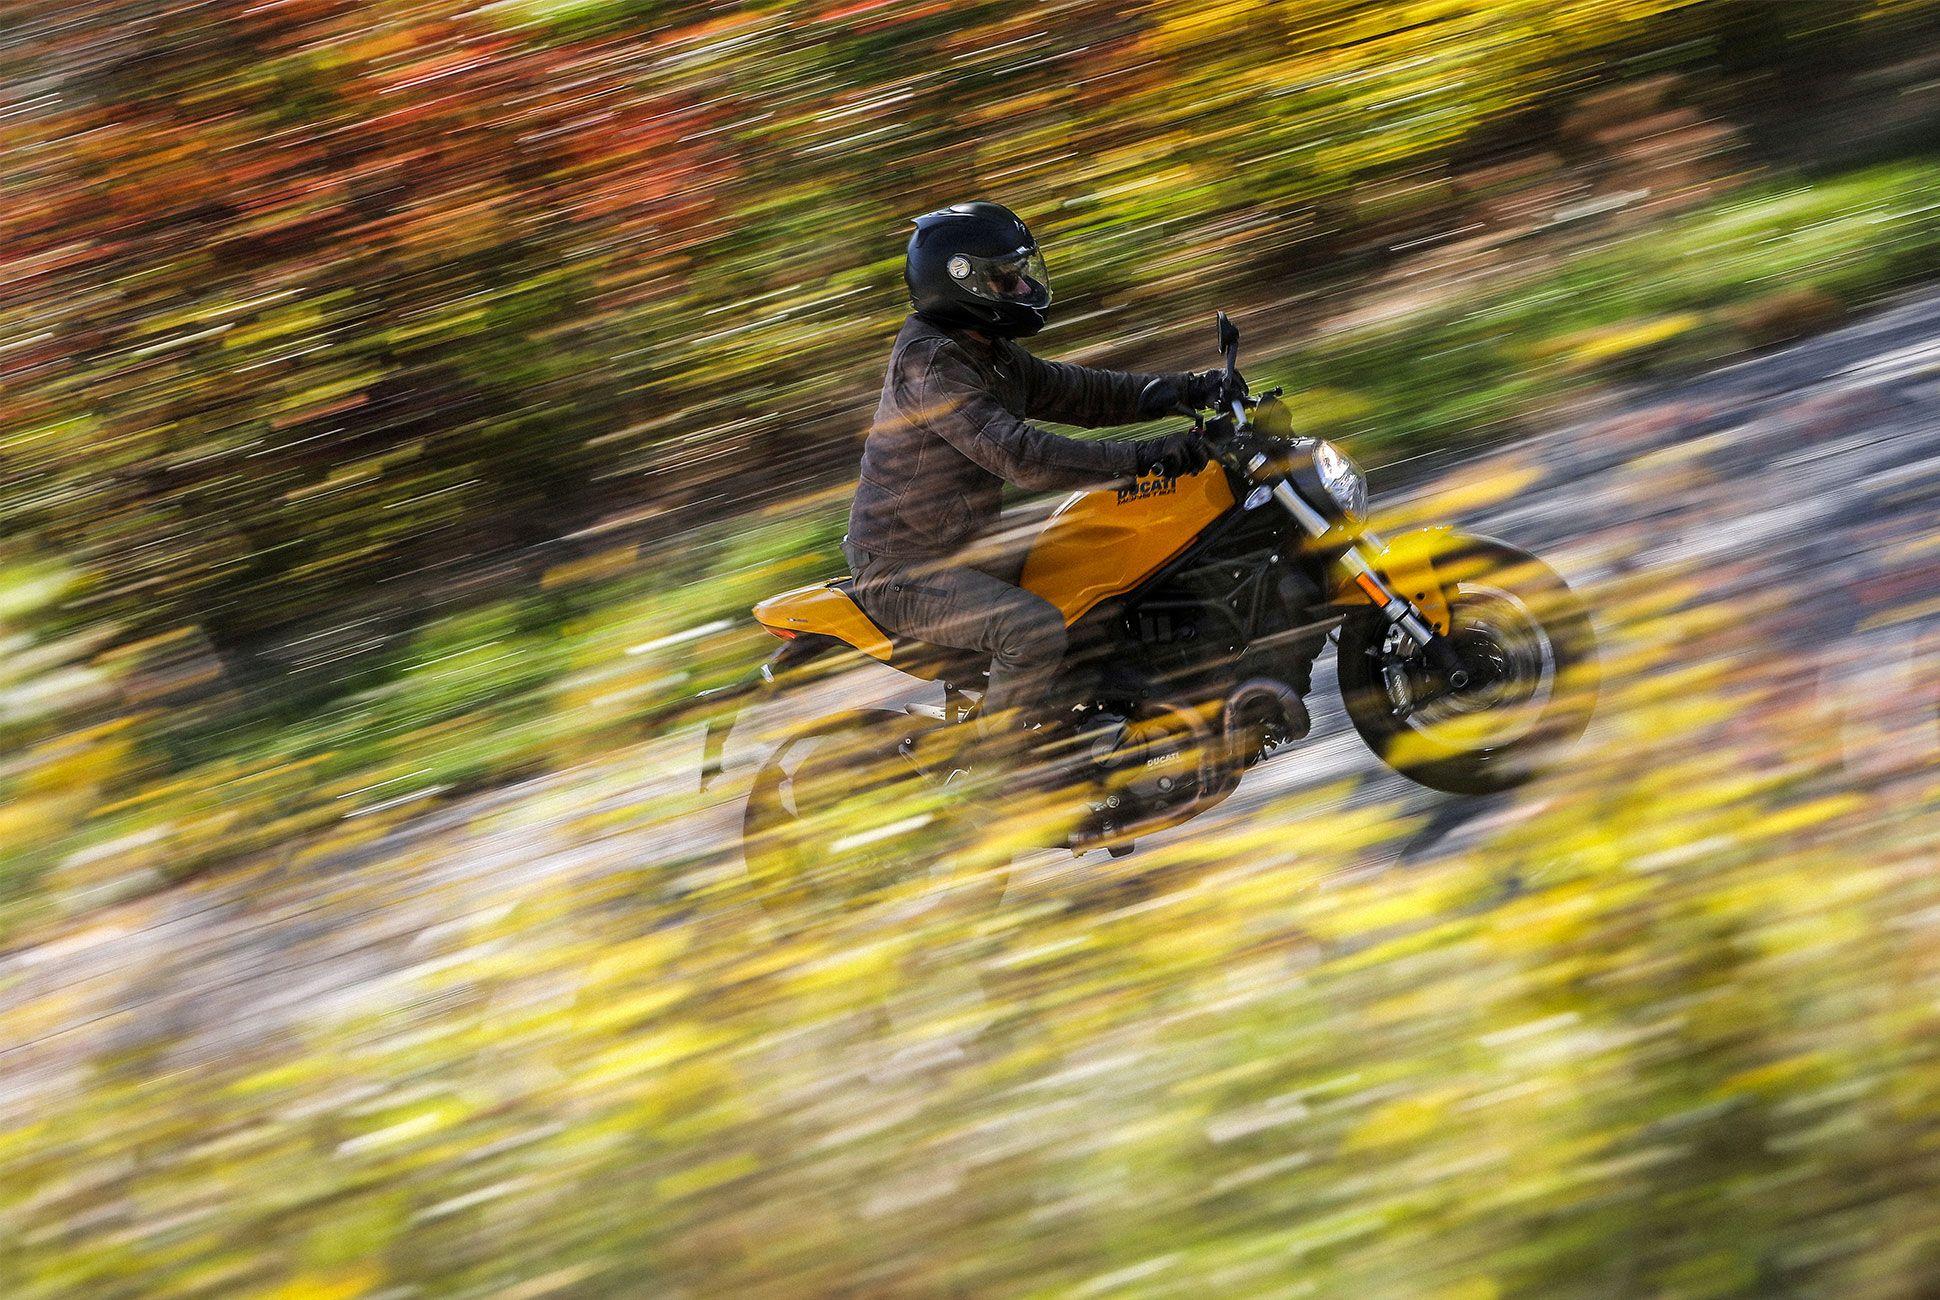 Ducati-821-Monster-Review-gear-patrol-3